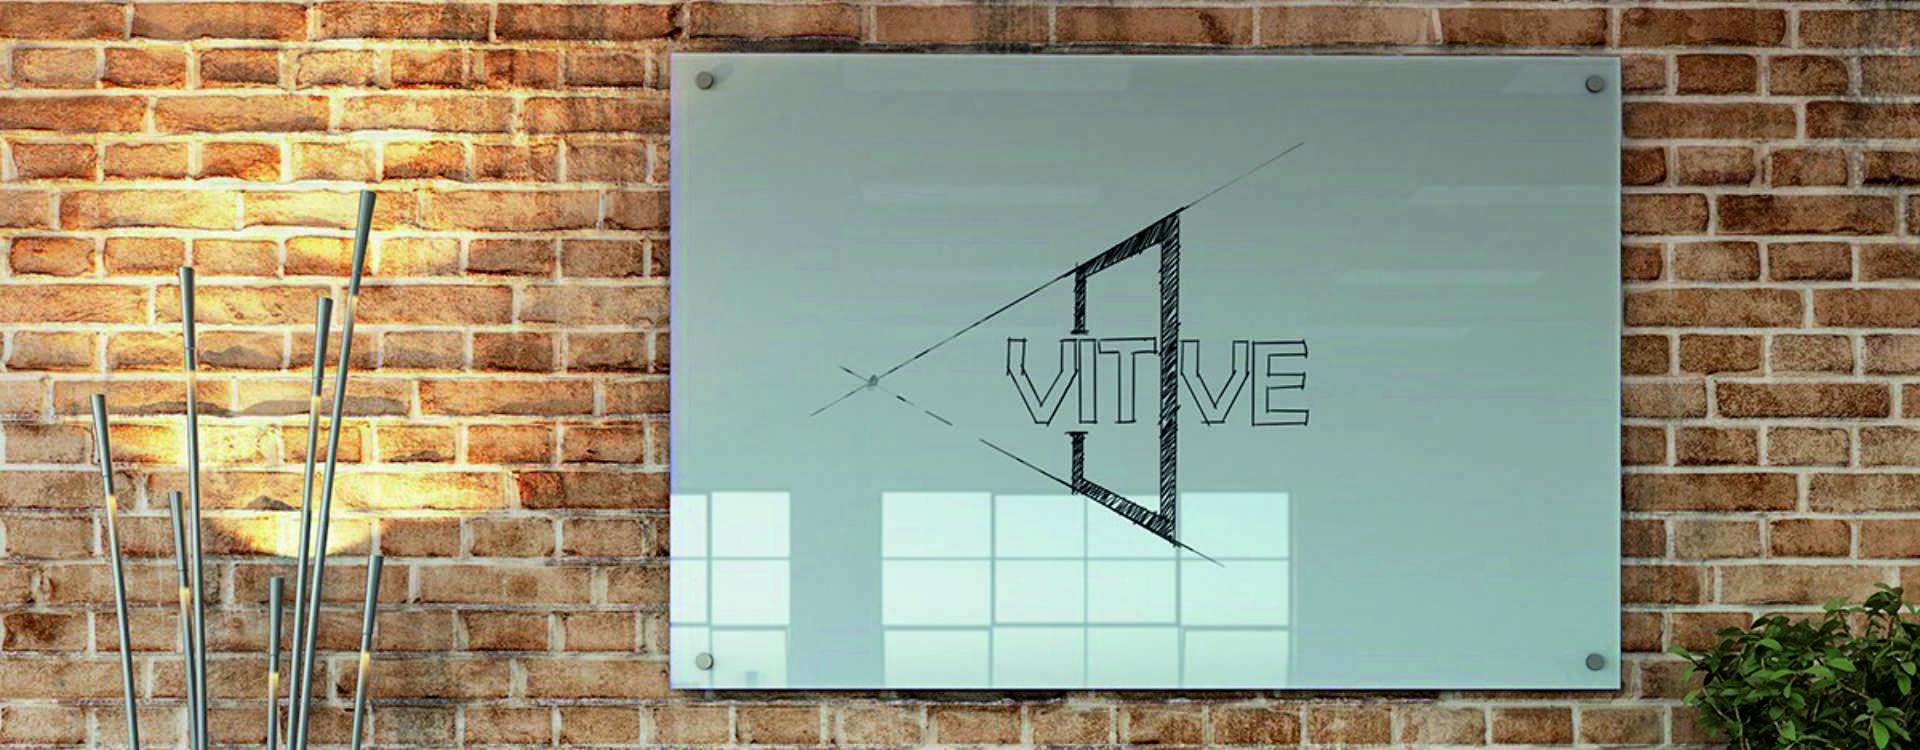 glassboard sign